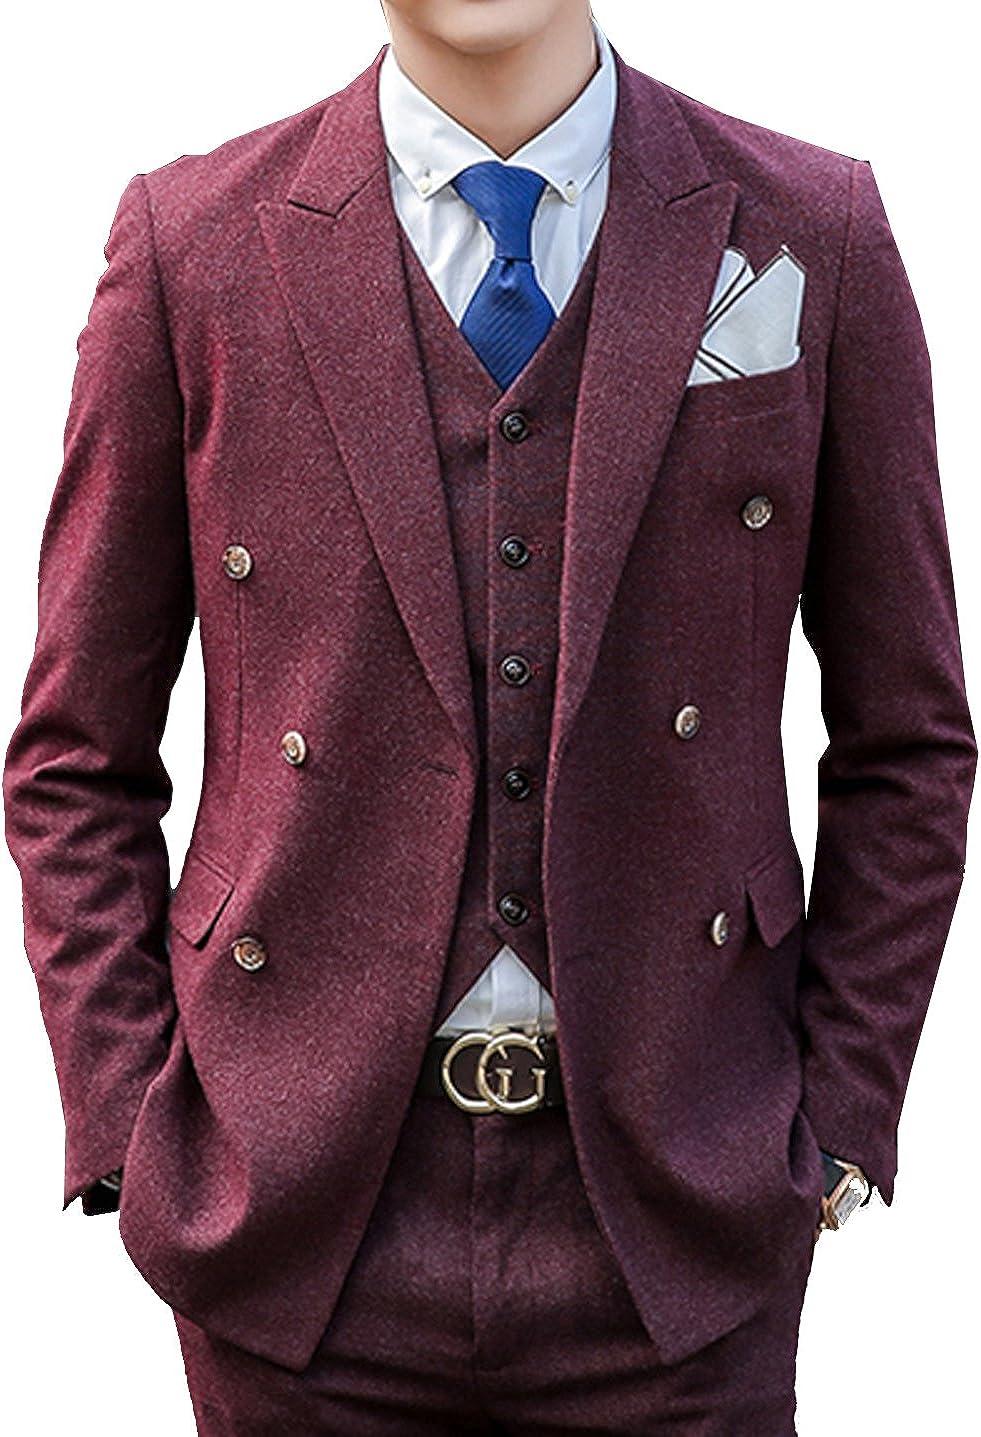 SWORLD Mens Premium Double breasted 3-piece Suit Blazer Jacket Tux Vest /& Trousers Set